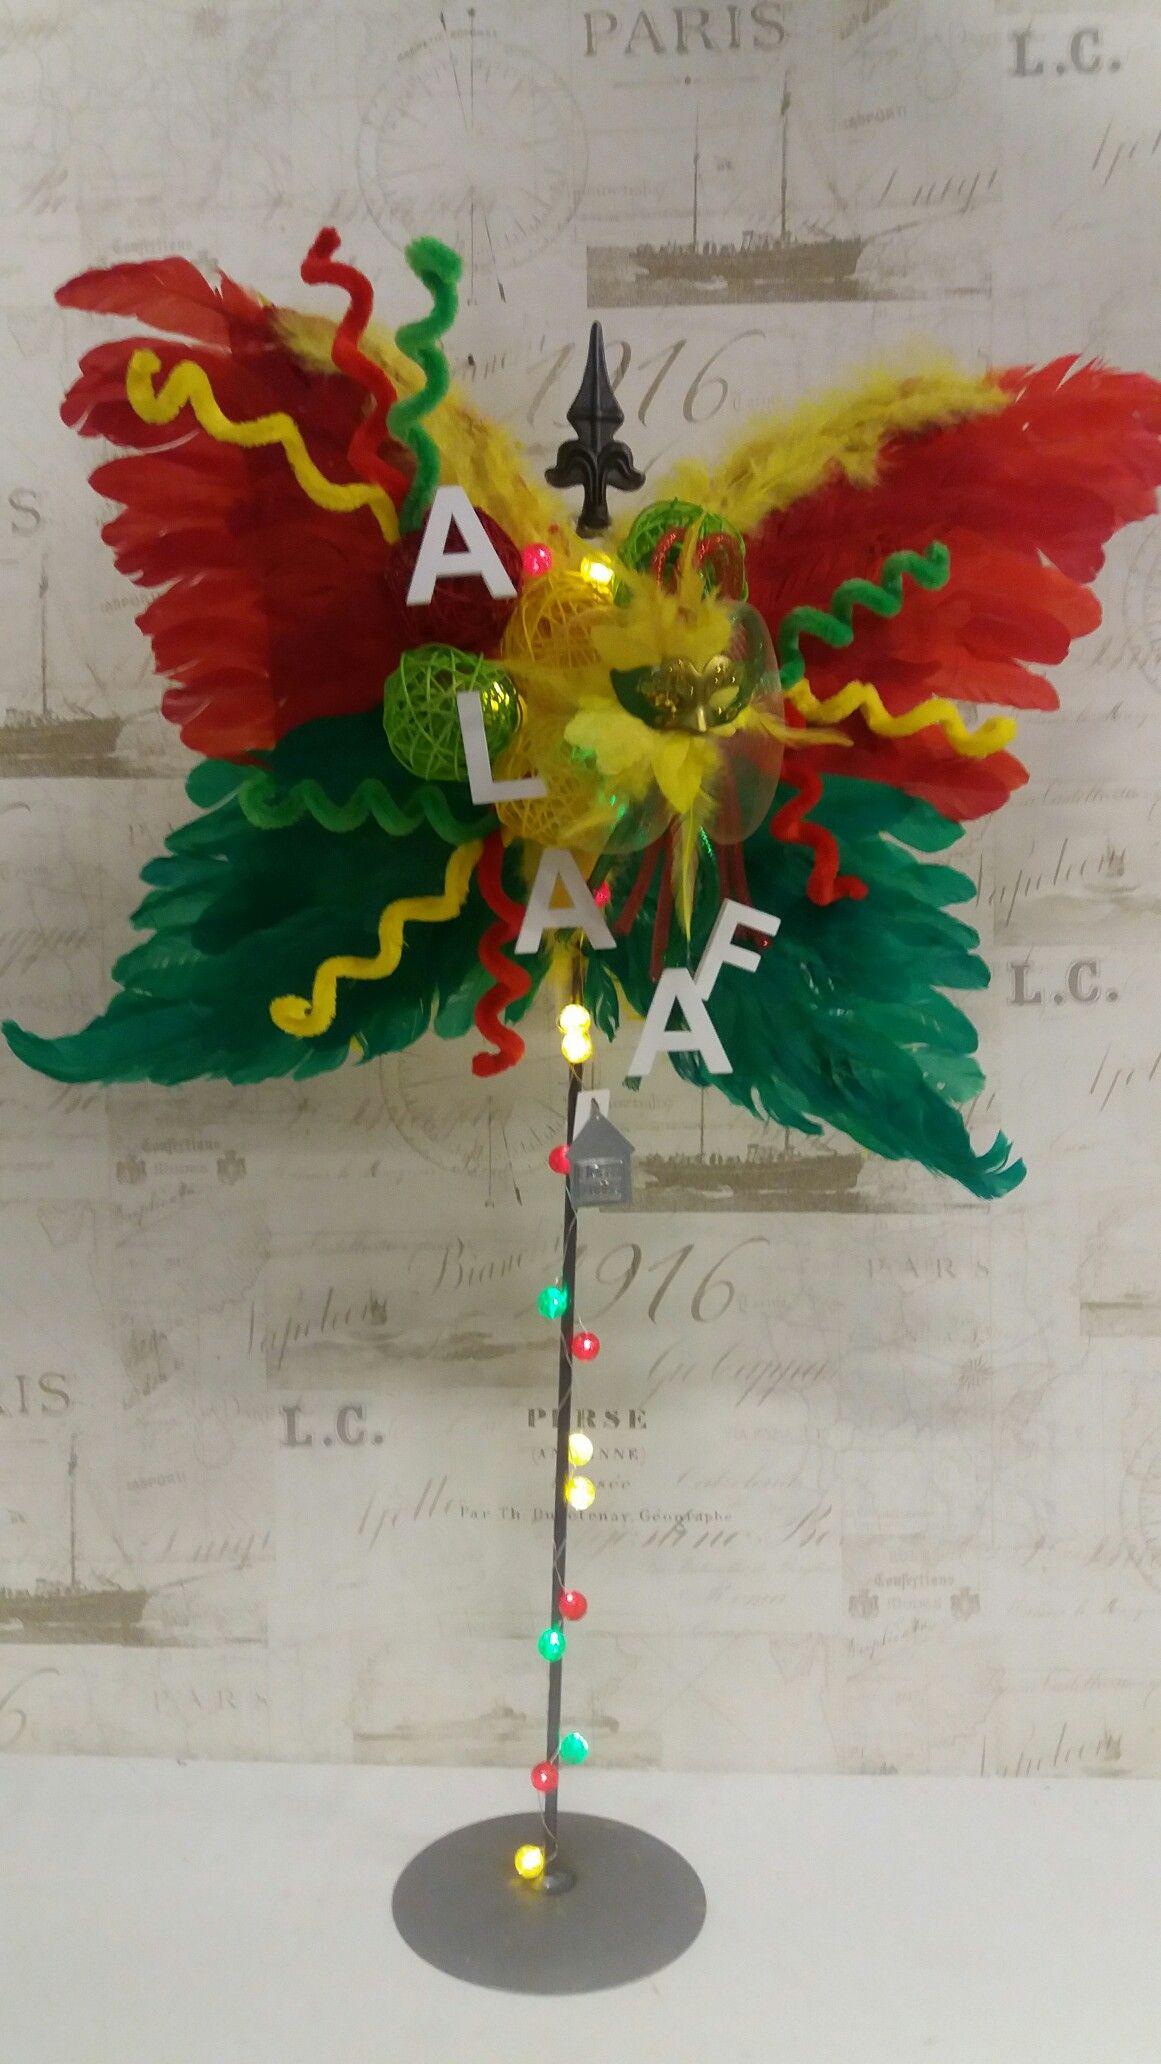 Carnaval Geeft Je Vleugels Carnaval Decoratie Knutselen Carnaval Decoraties Knutselen Carnaval